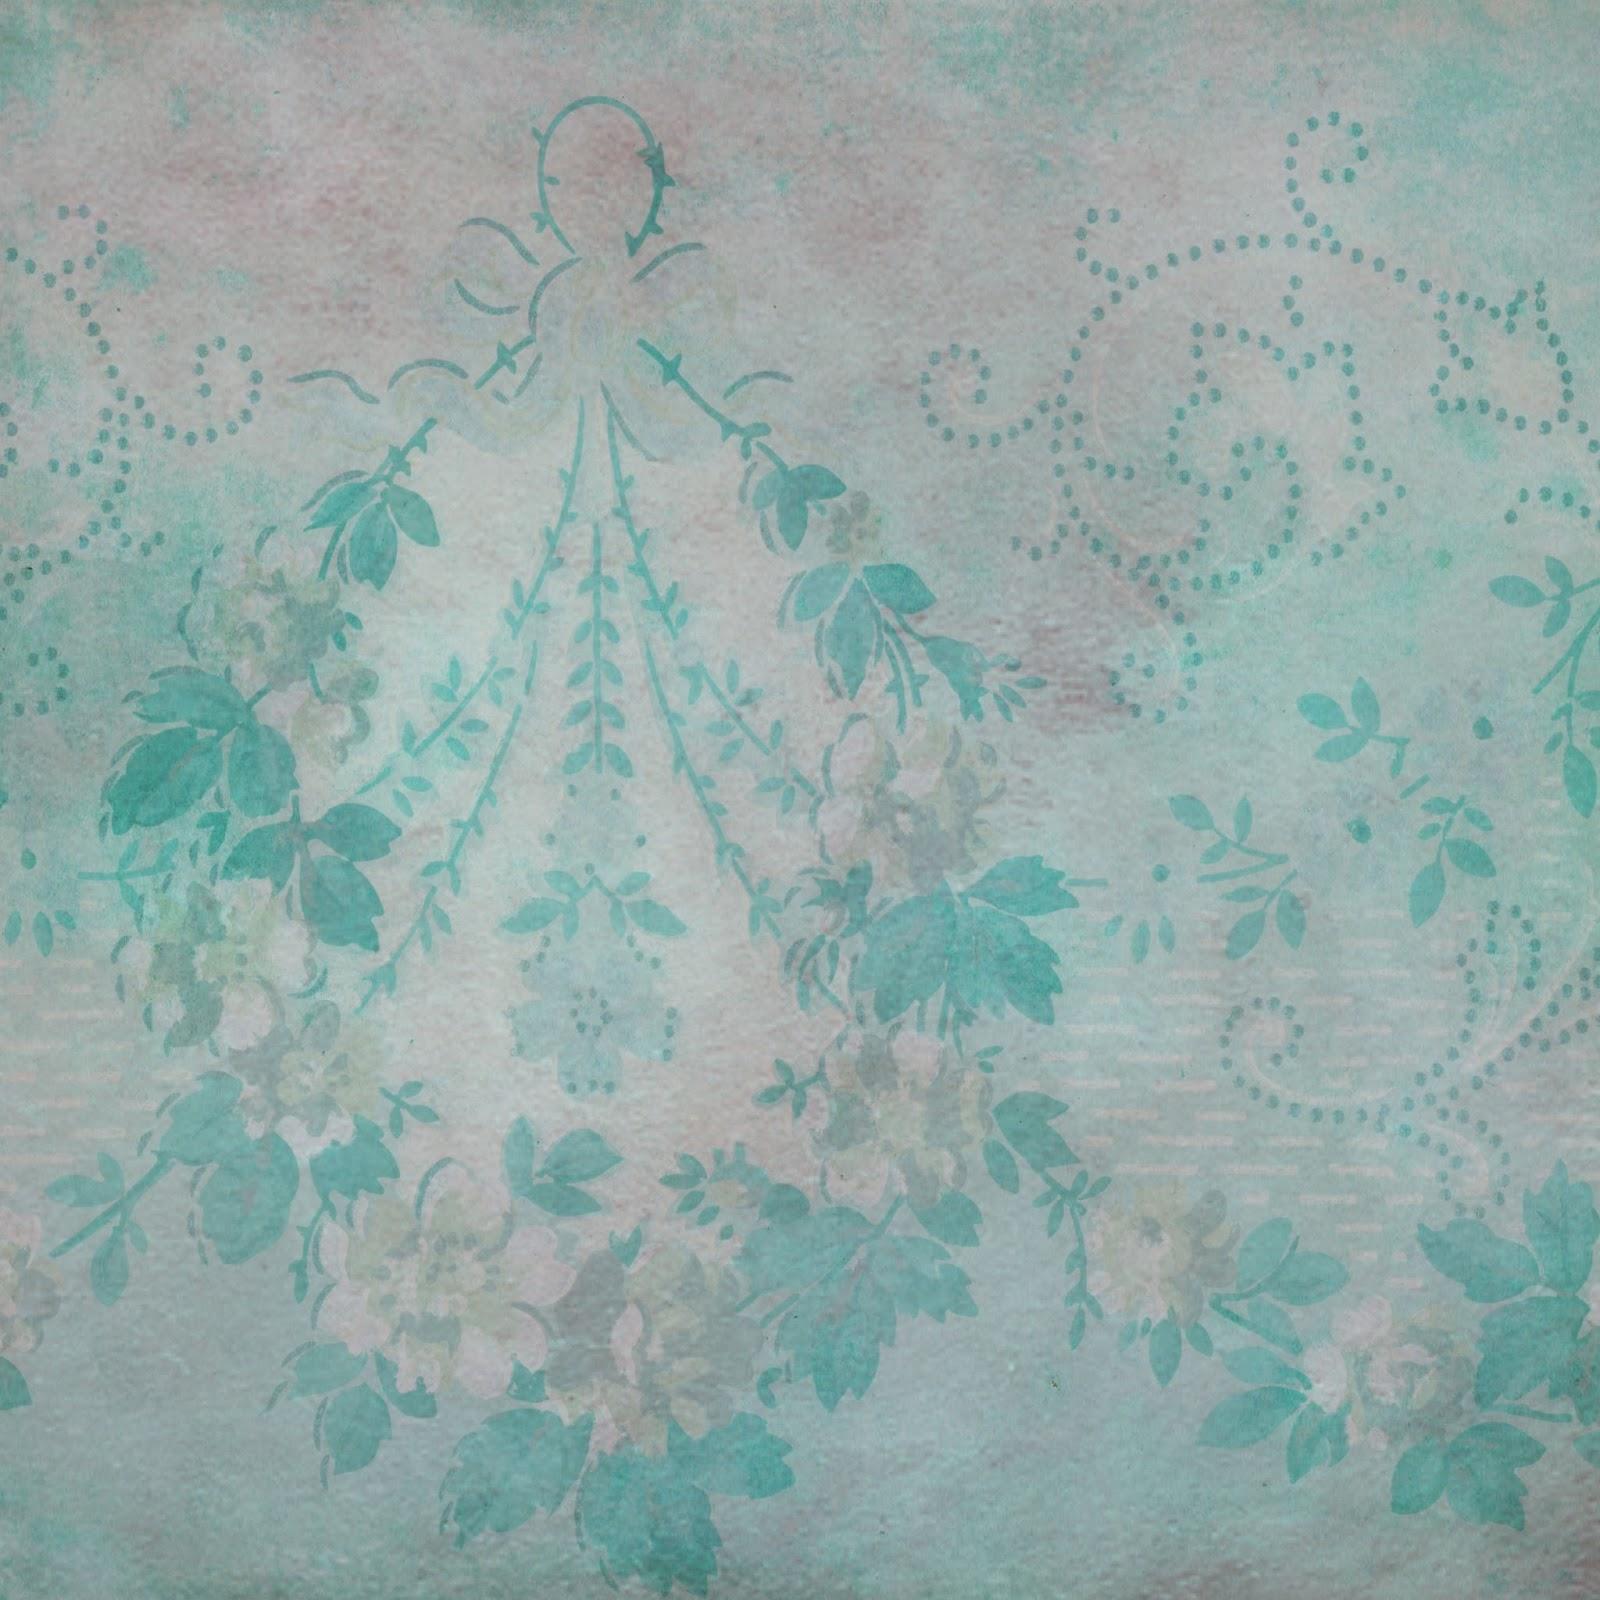 Antique Images: Digital Vintage Wallpaper Design ...